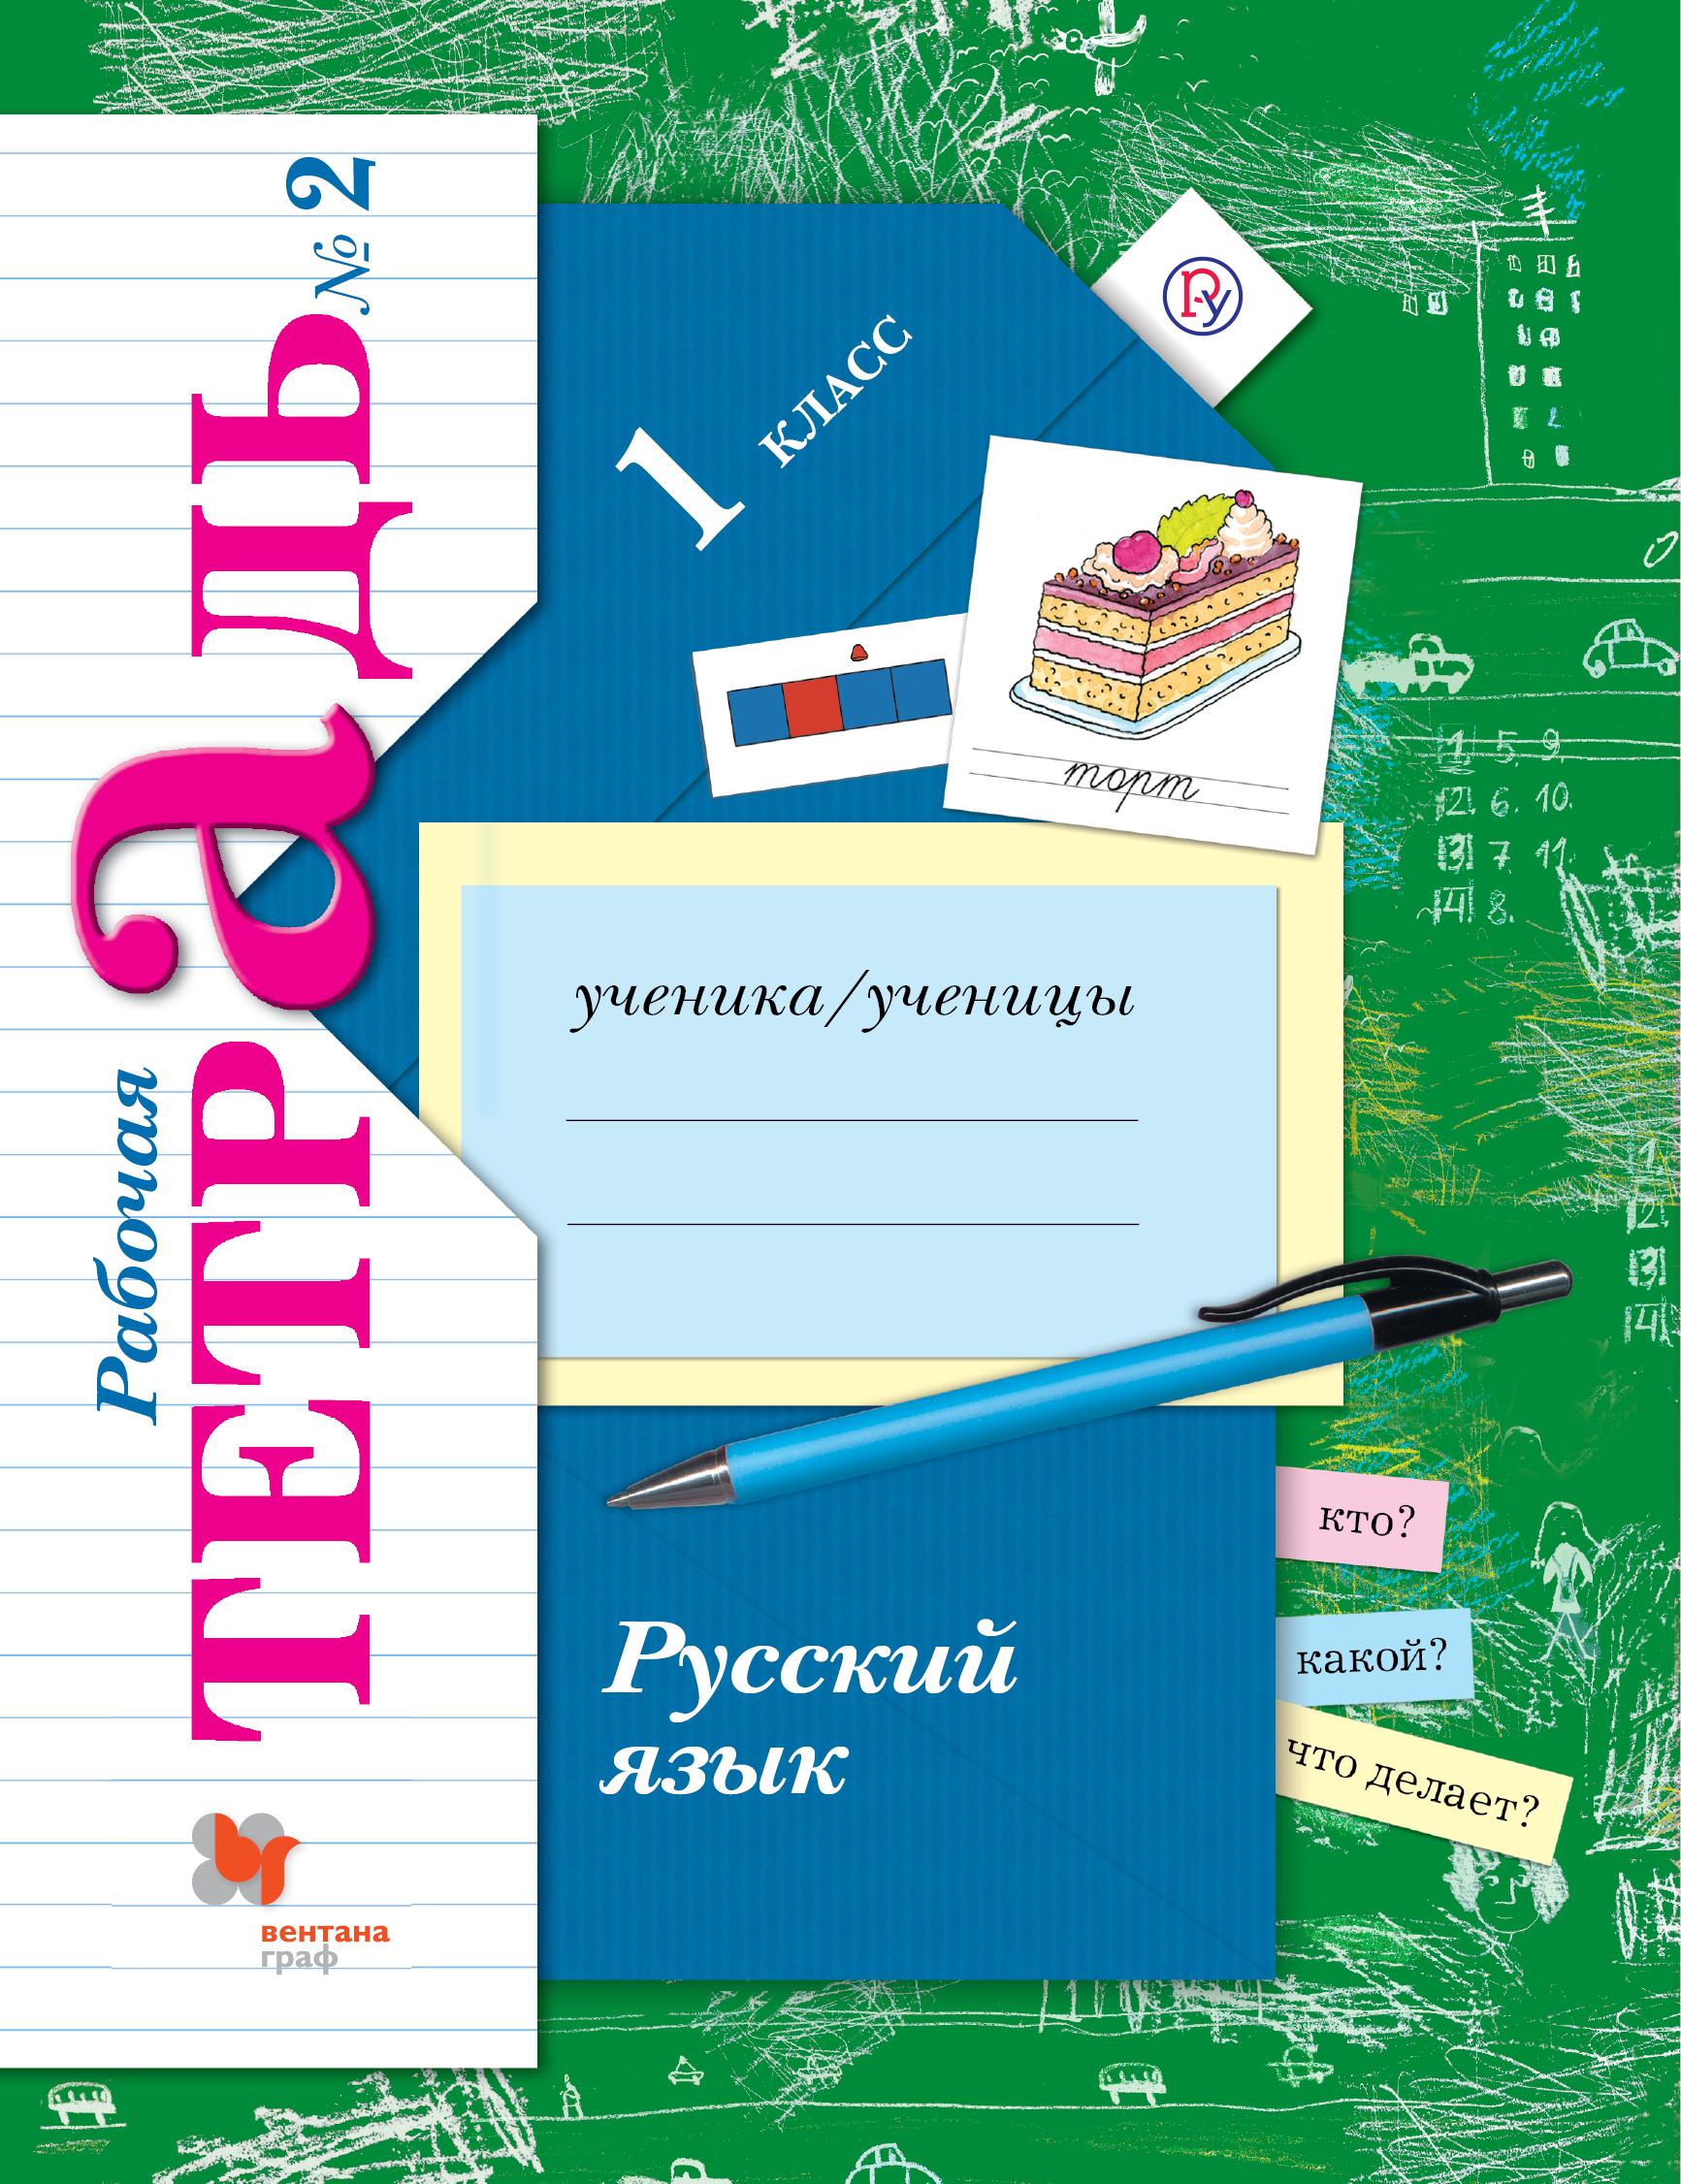 Вентана язык гдз 2 часть граф класс тетрадь 4 русский